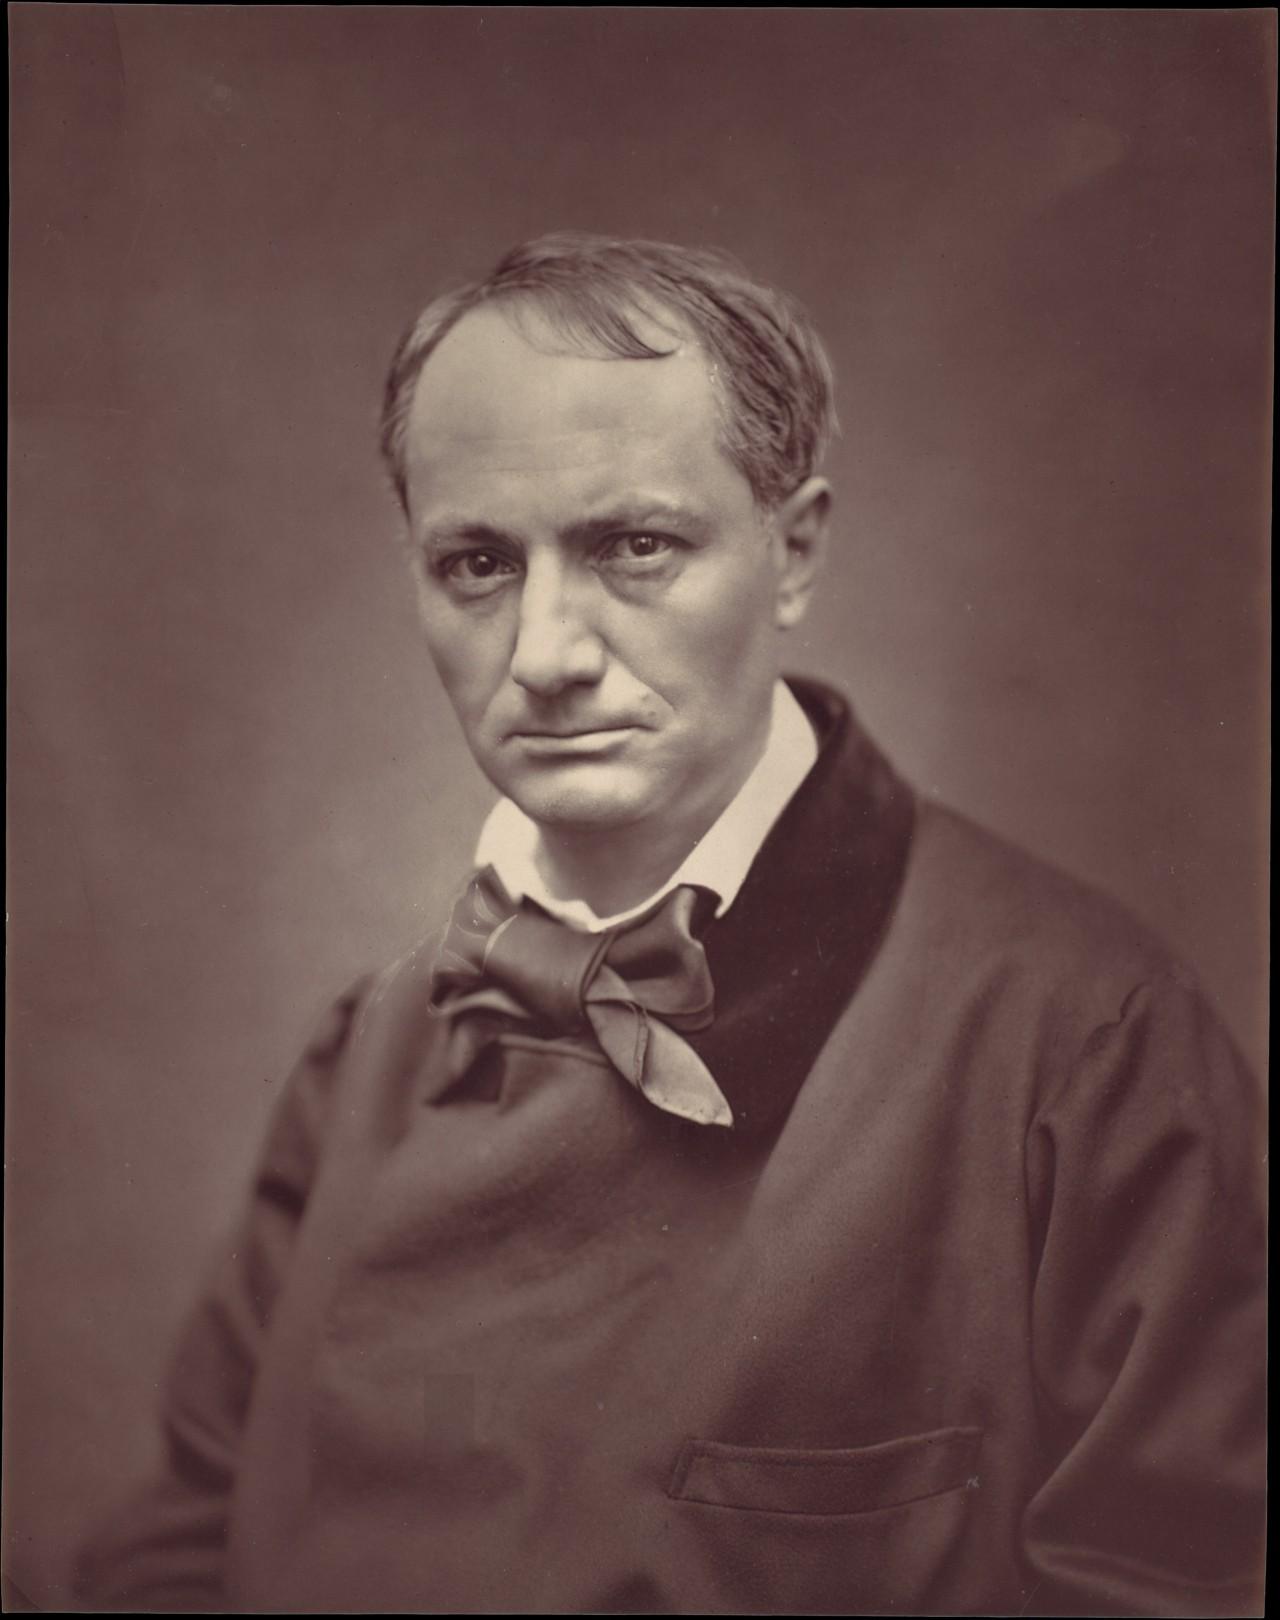 Французский поэт Шарль Бодлер, 1863. Автор Этьенн Каржа